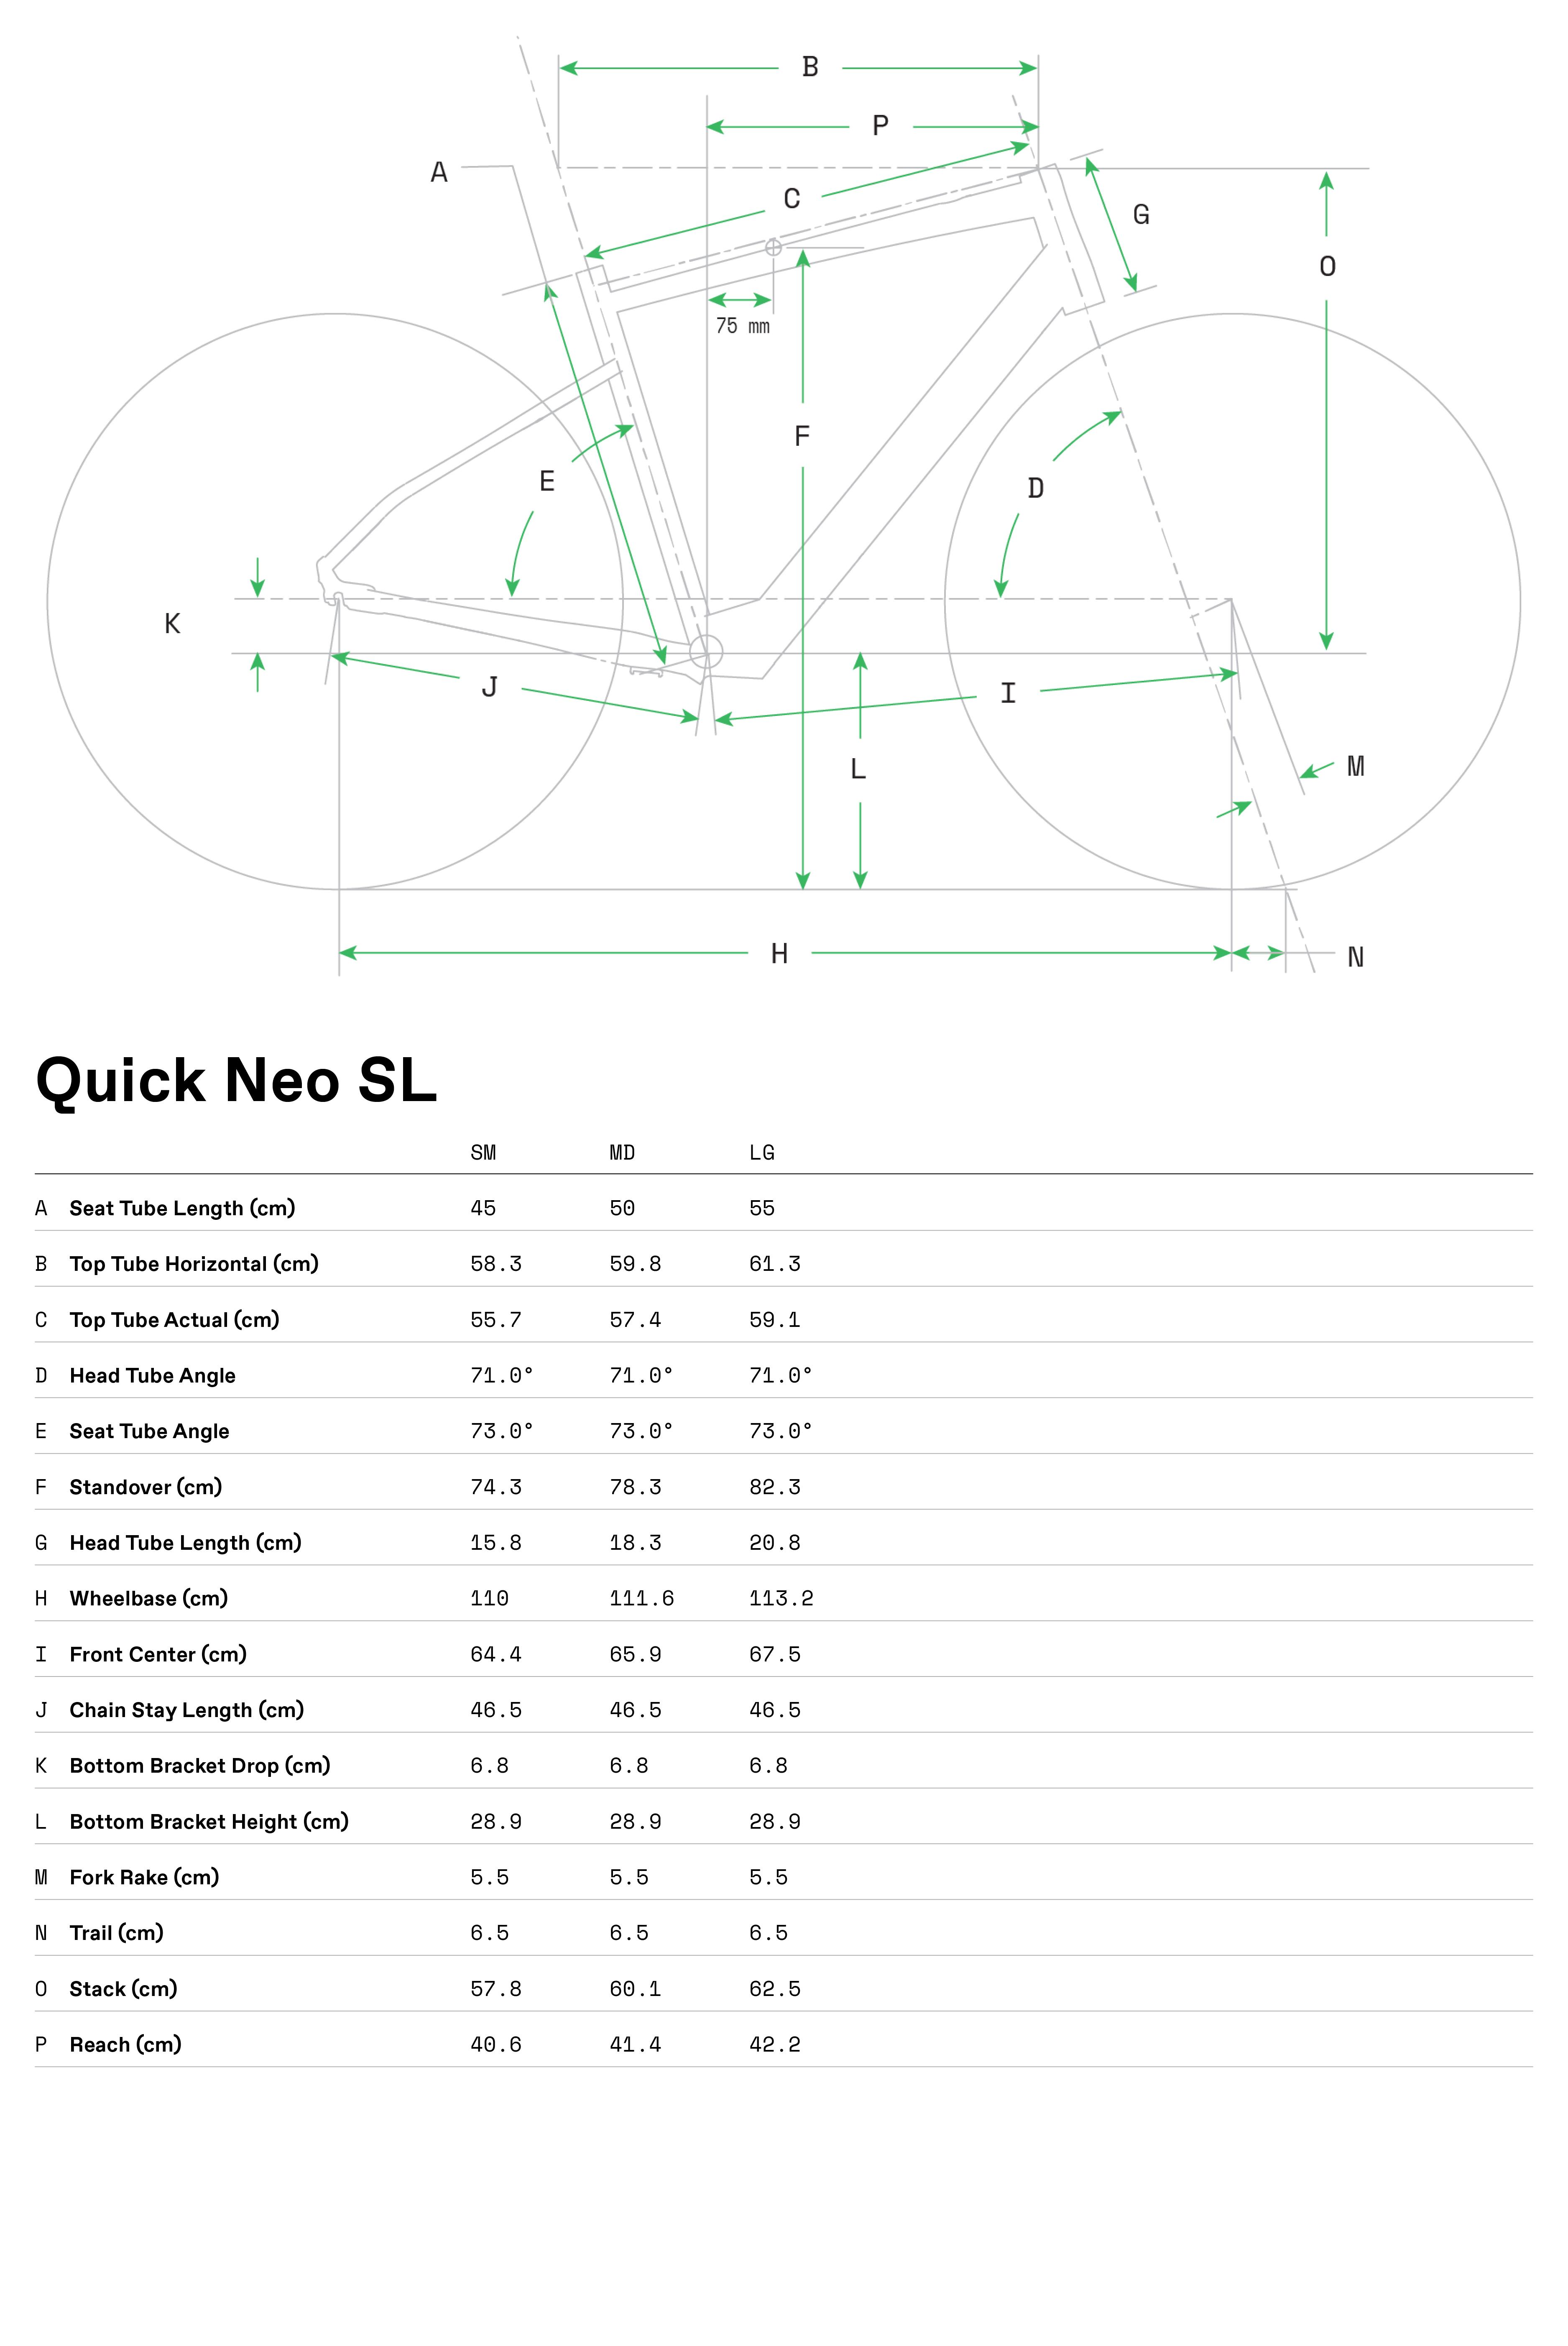 Quick Neo SL Geometry